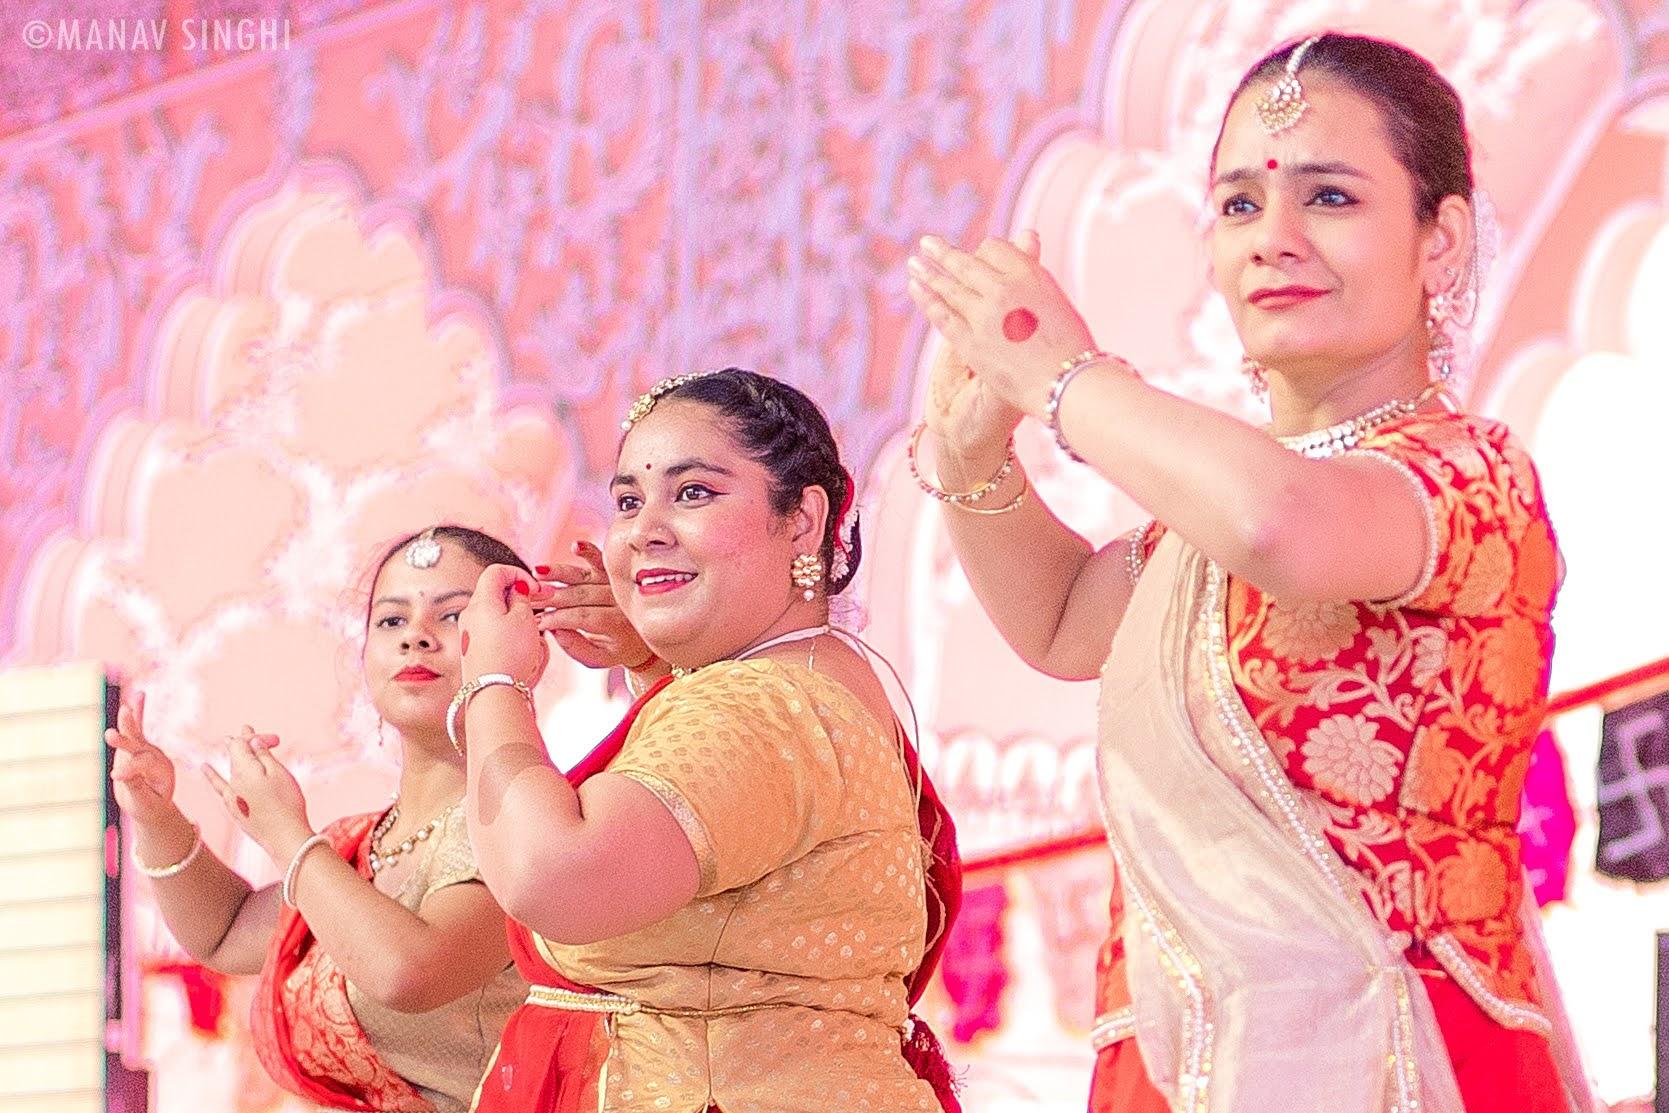 Saloni Tandon with her Kathak Guru Rashmi Uppal at Fagotsav 2021 Govind DevJi, Jaipur. Day - 3